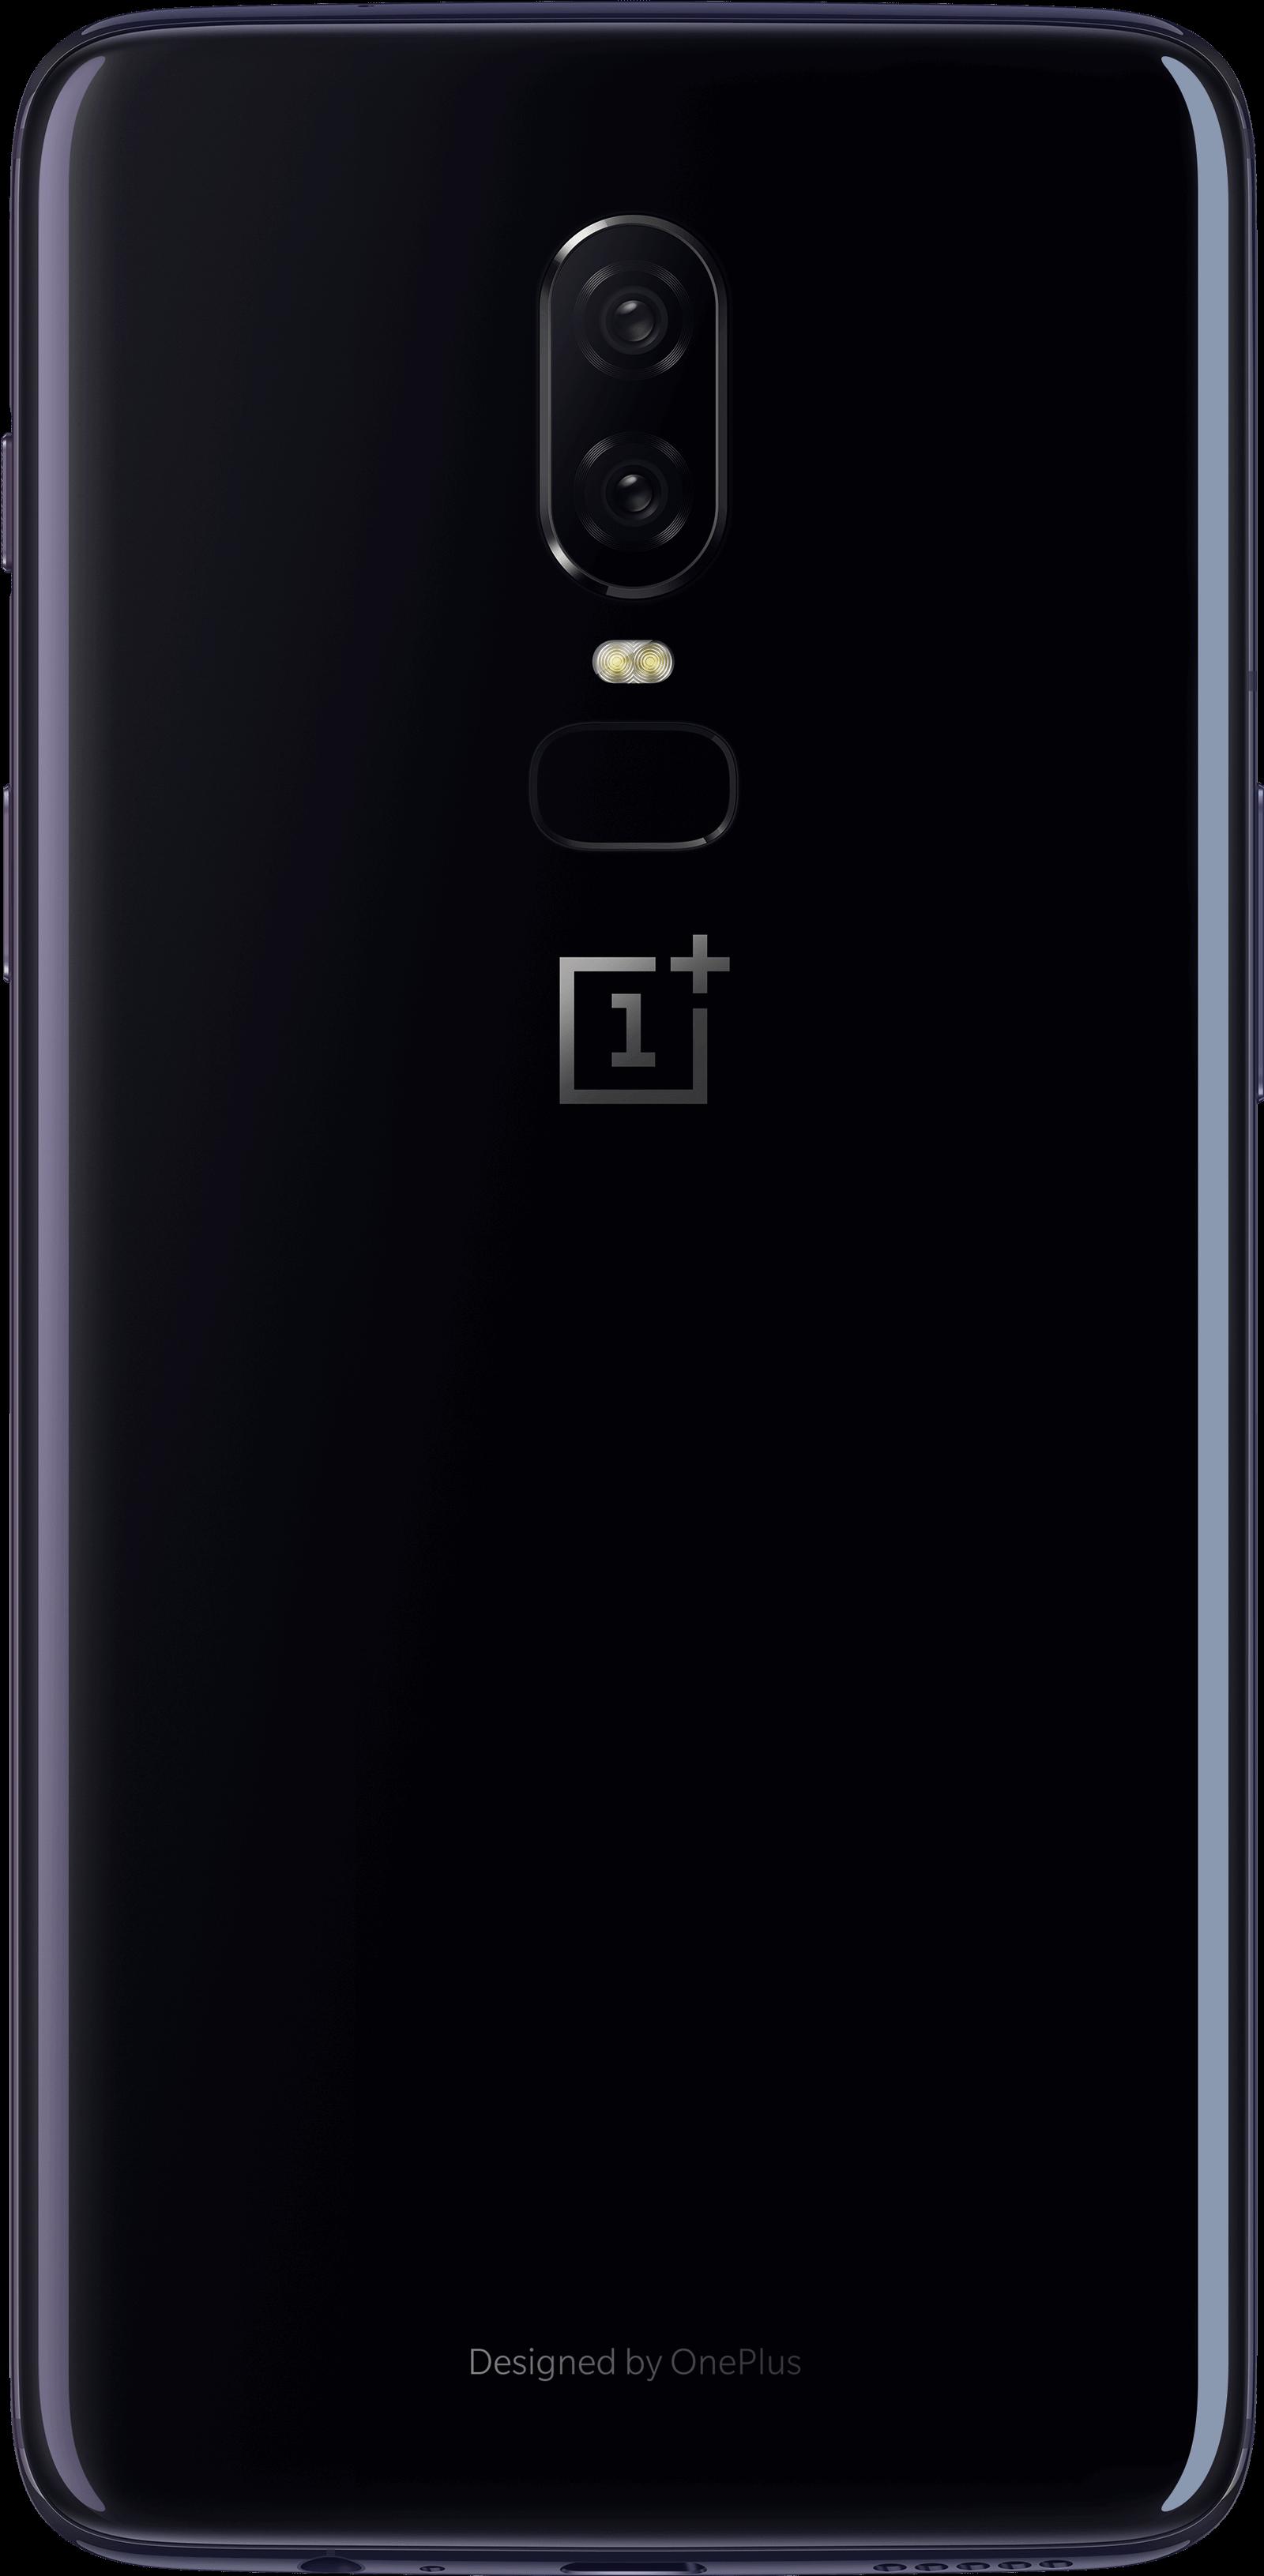 moderní duální kamera OnePlus 6 ukládá snímky v nejvyšší kvalitě, na tyhle snímky, budete ještě rádi vzpomínat